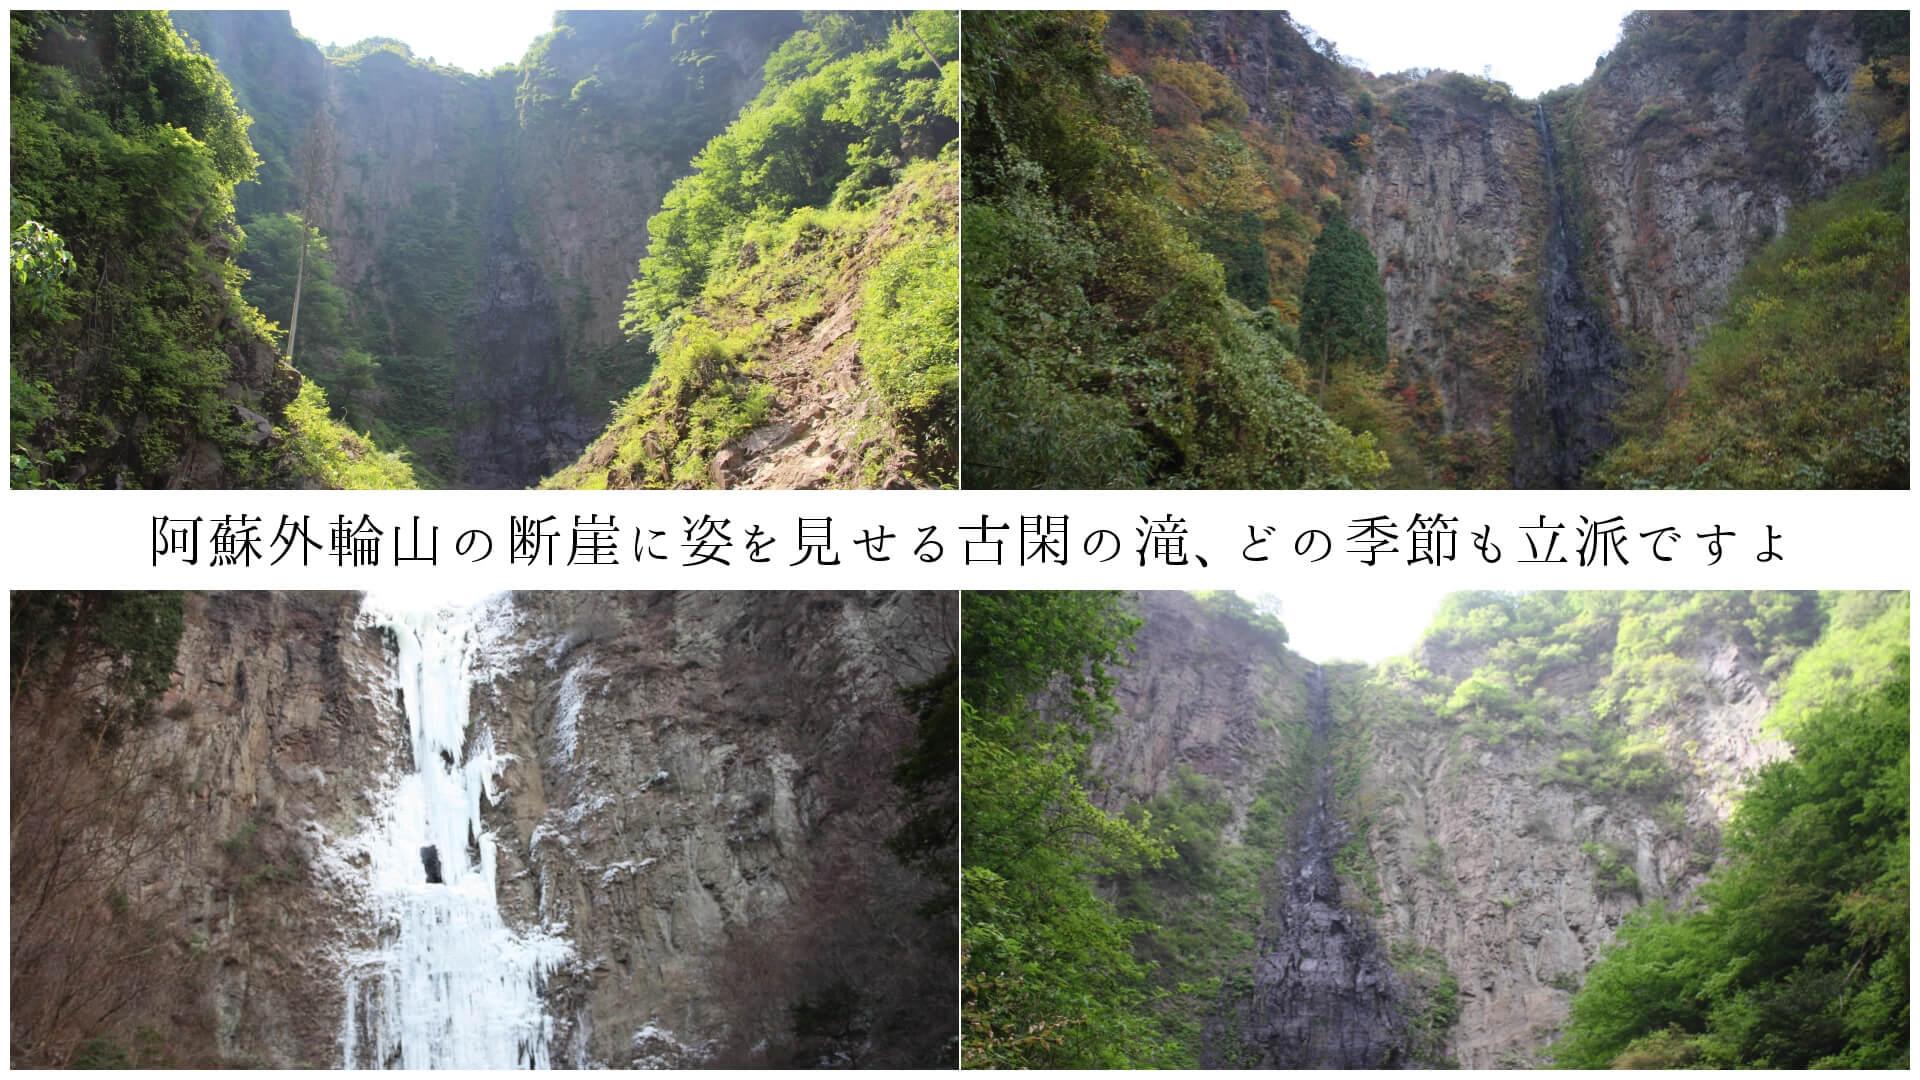 阿蘇外輪山の断崖に姿を見せる古閑の滝、どの季節も立派ですよ